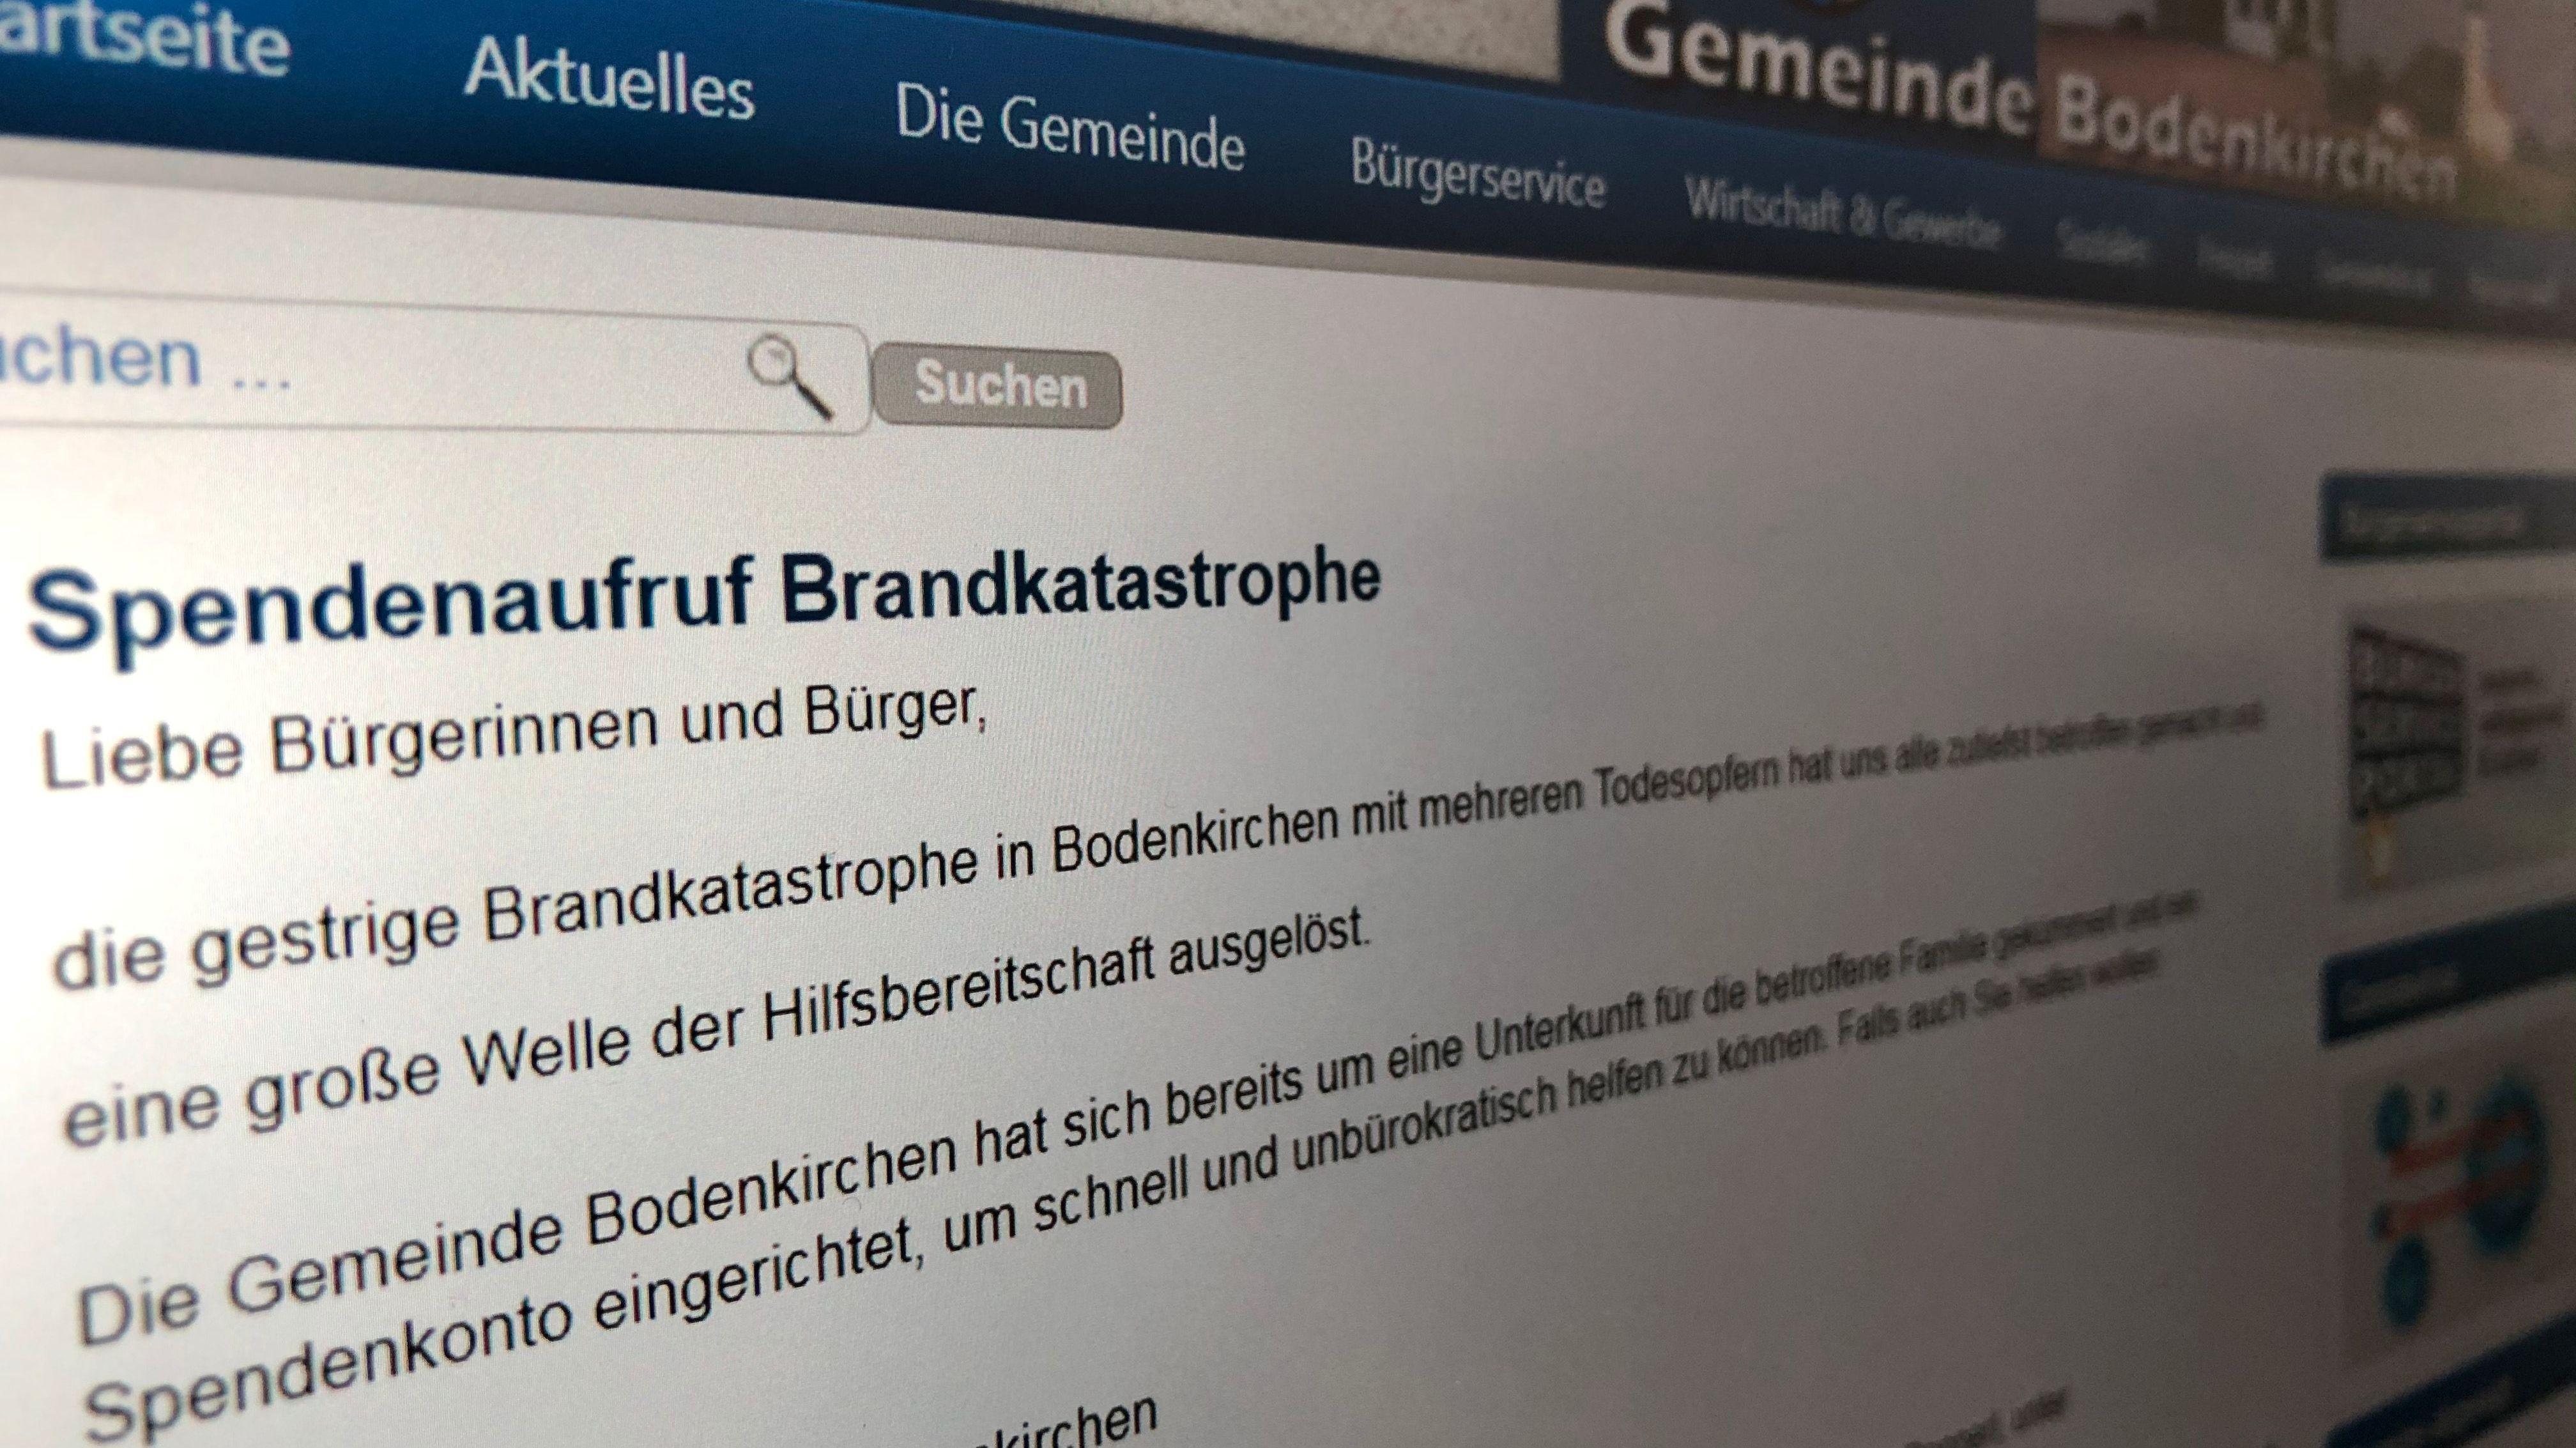 Auf der Internetseite der Gemeinde Bodenkirchen gibt es einen Spendenaufruf für die hinterbliebene Familie